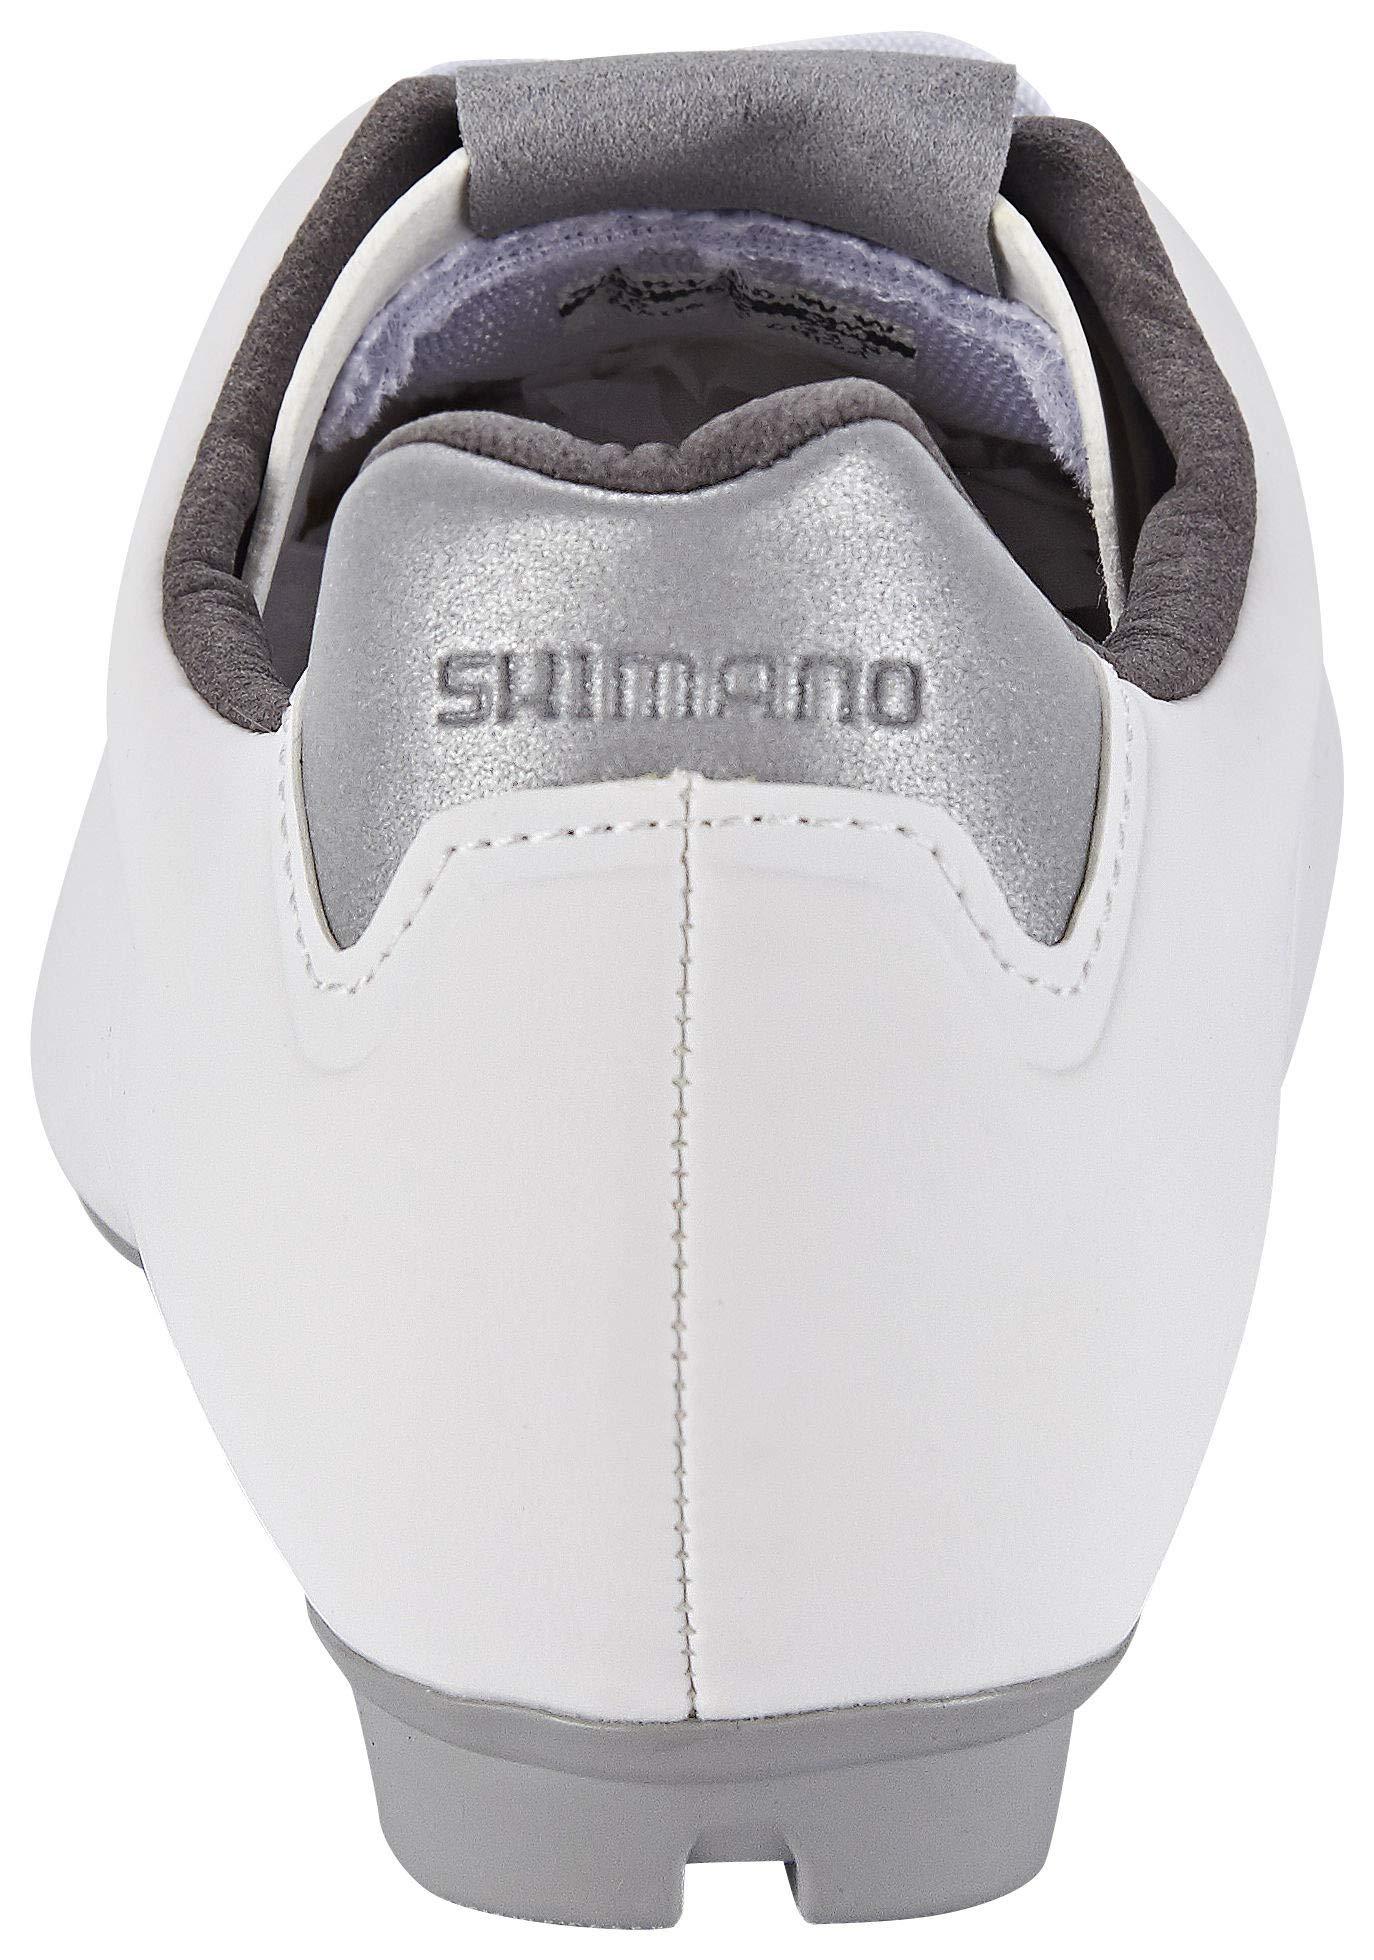 SHIMANO RT4W SPD - Zapatillas de Ciclismo para Mujer, Color Blanco ...